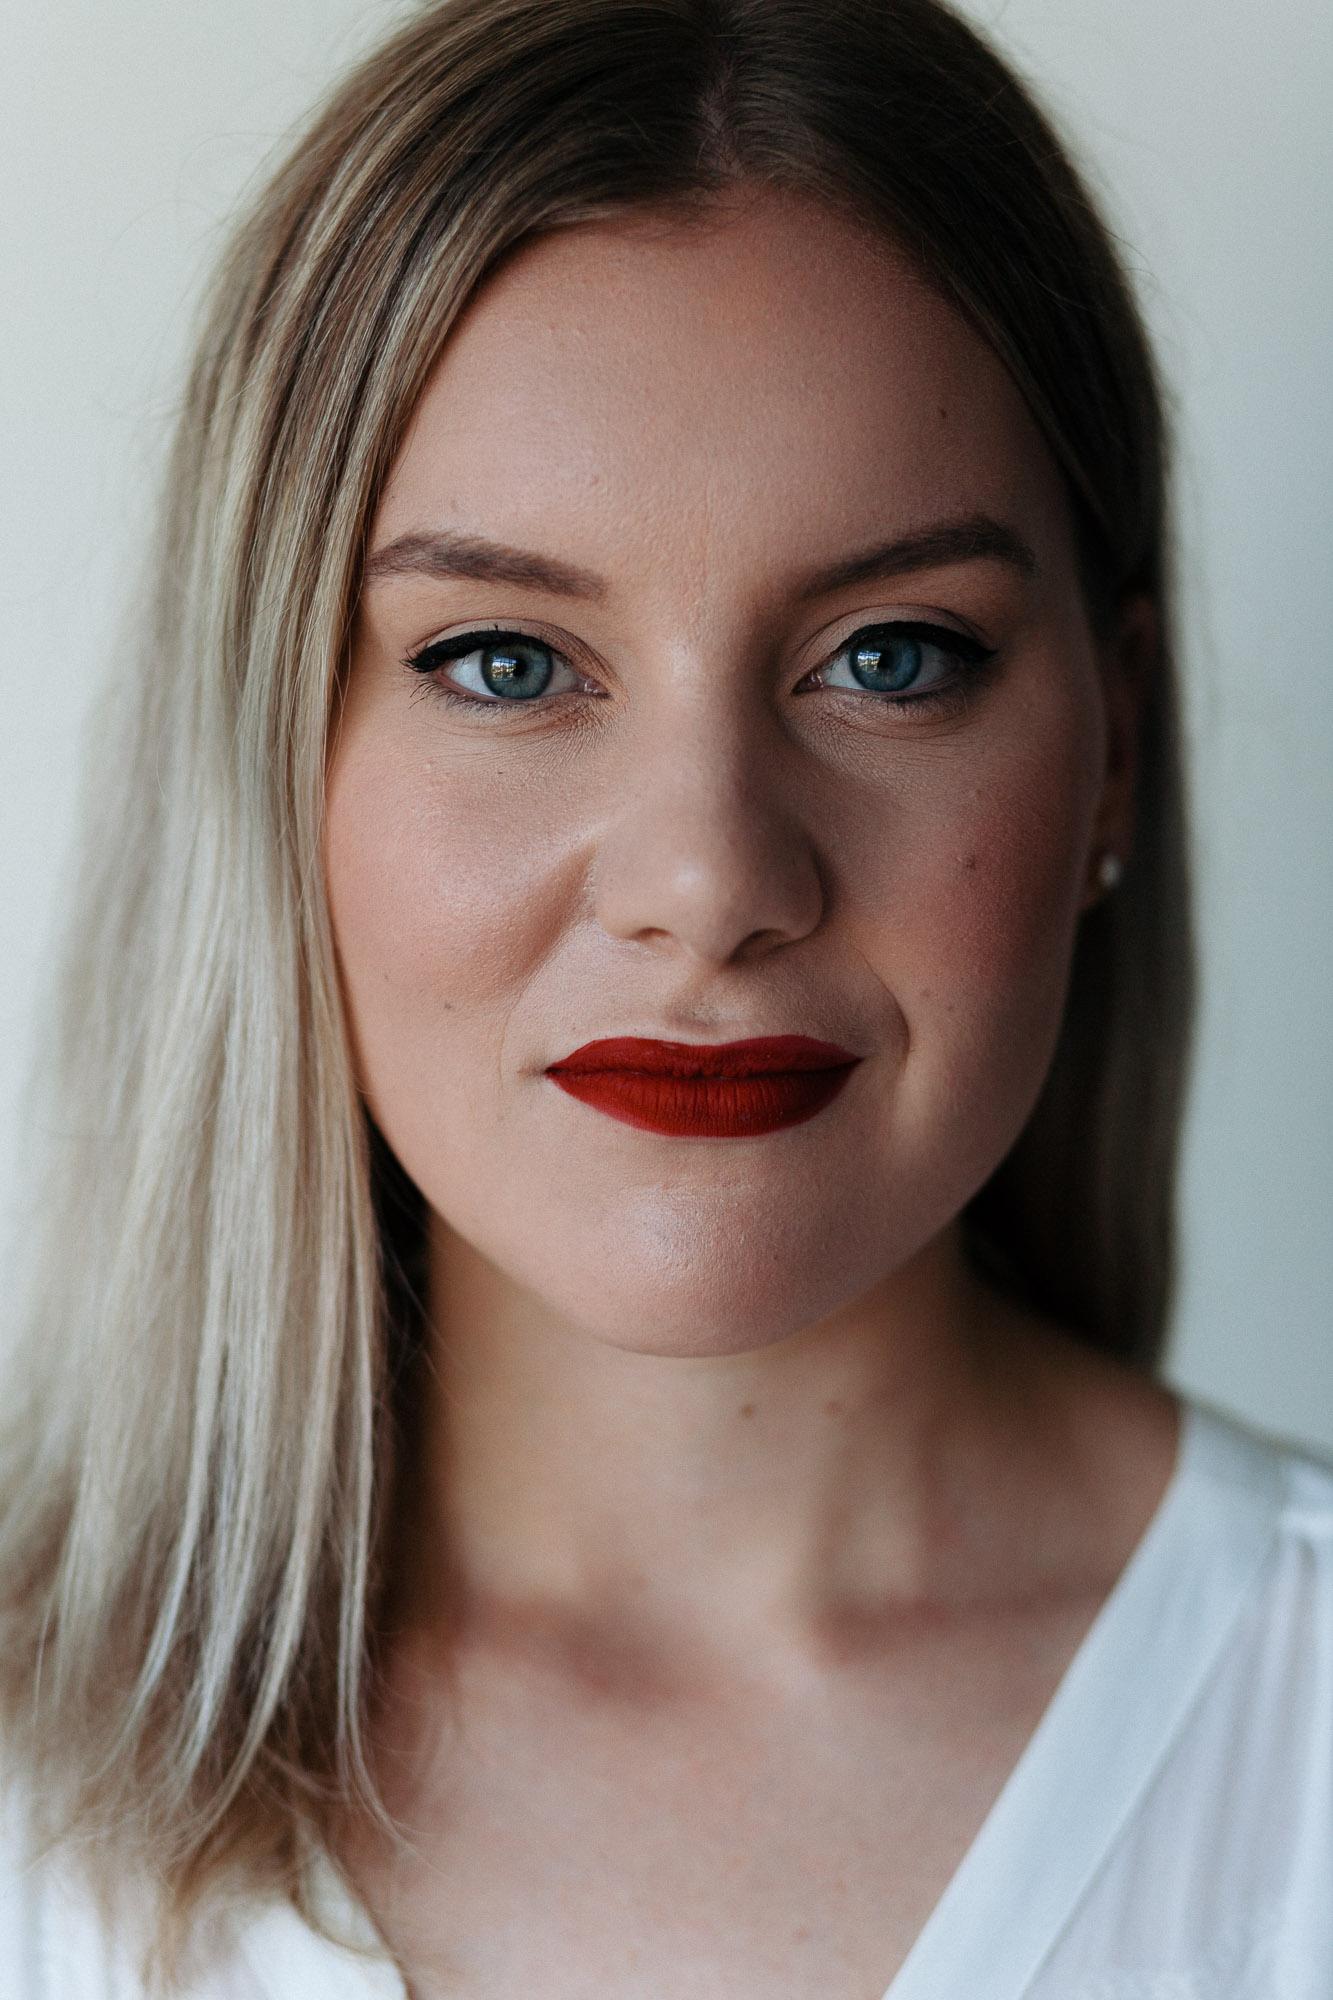 Singer Songwriter Kenzie Peters